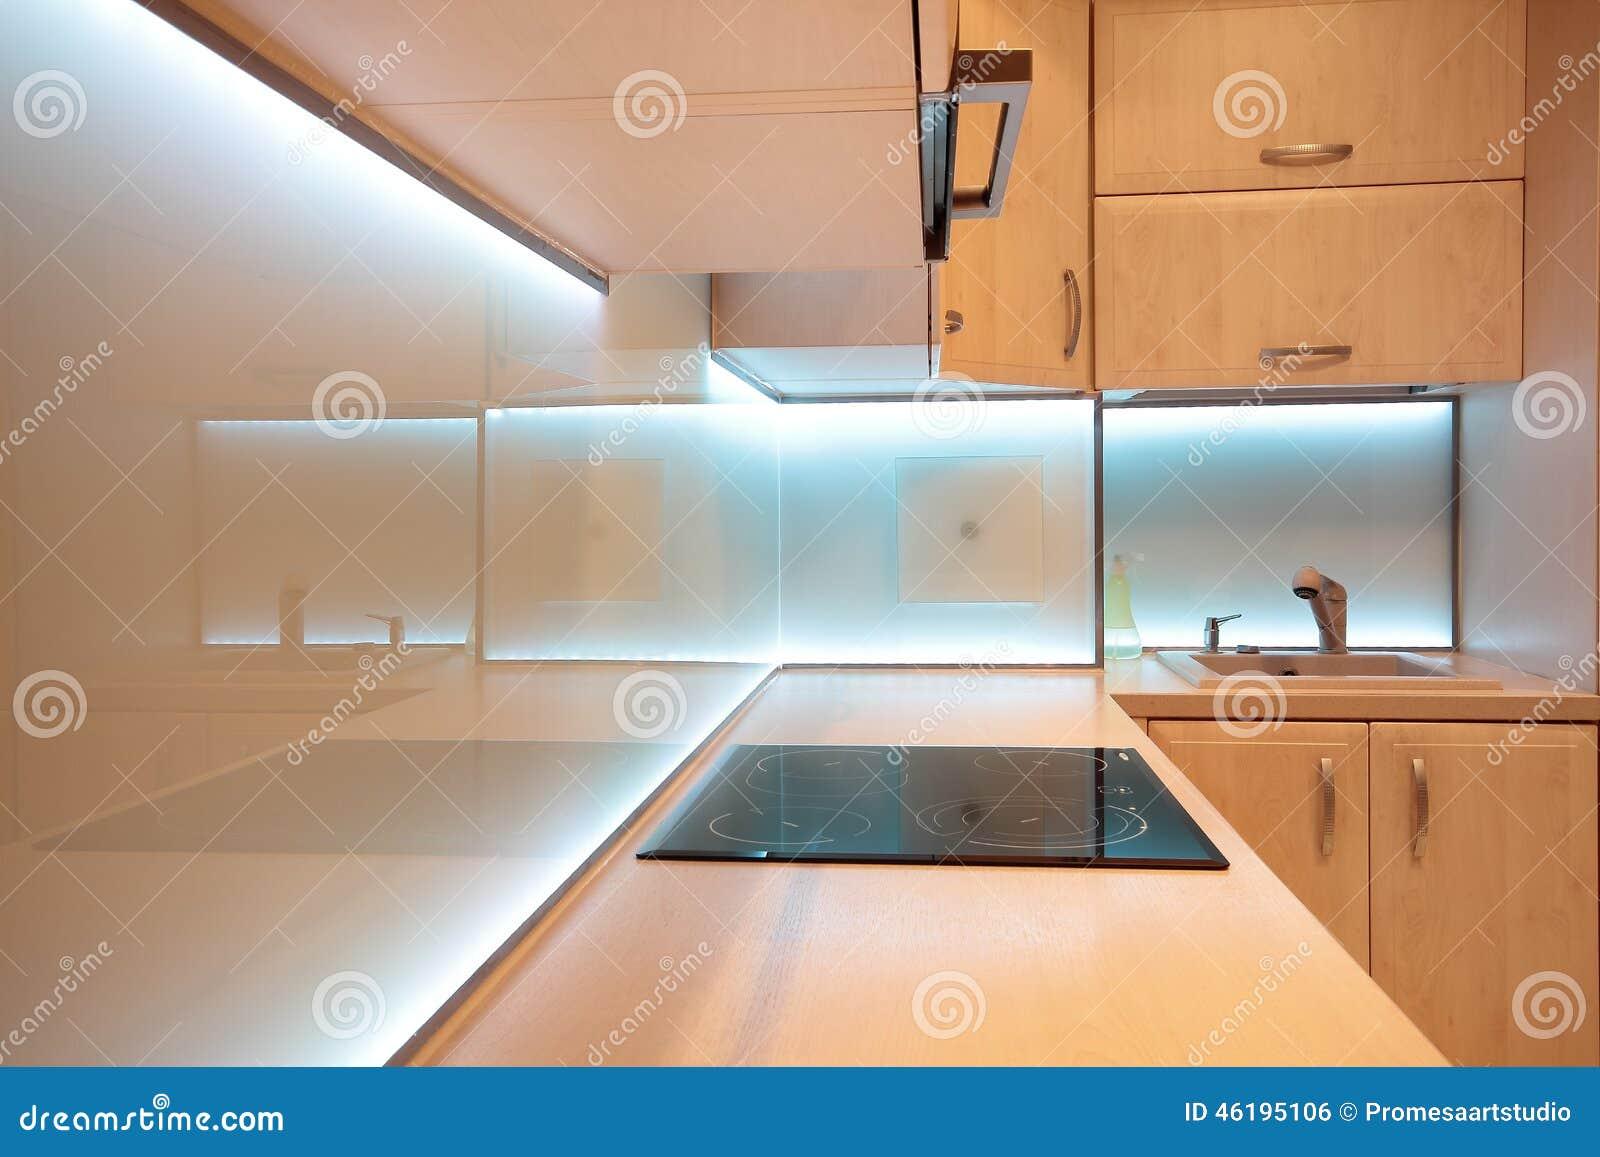 Cucina Di Lusso Moderna Con Illuminazione Bianca Del LED Fotografia ...